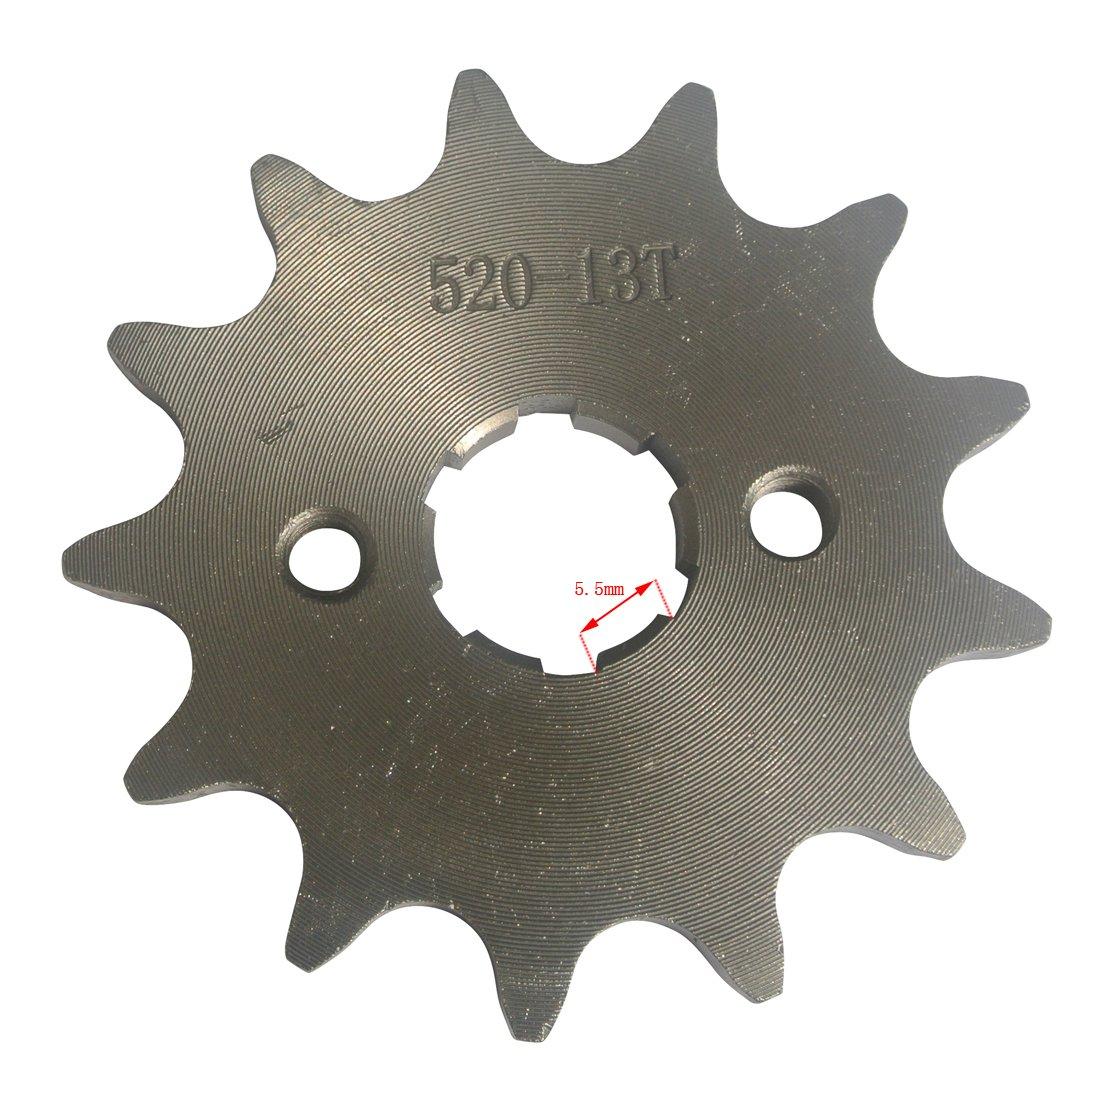 Dirt bike // Pit bike // Mini Moto 10-16 Dents G/én/érique Pignon avant Pour Yamaha Moto Dirt Bike VTT Quad /ø20mm 520